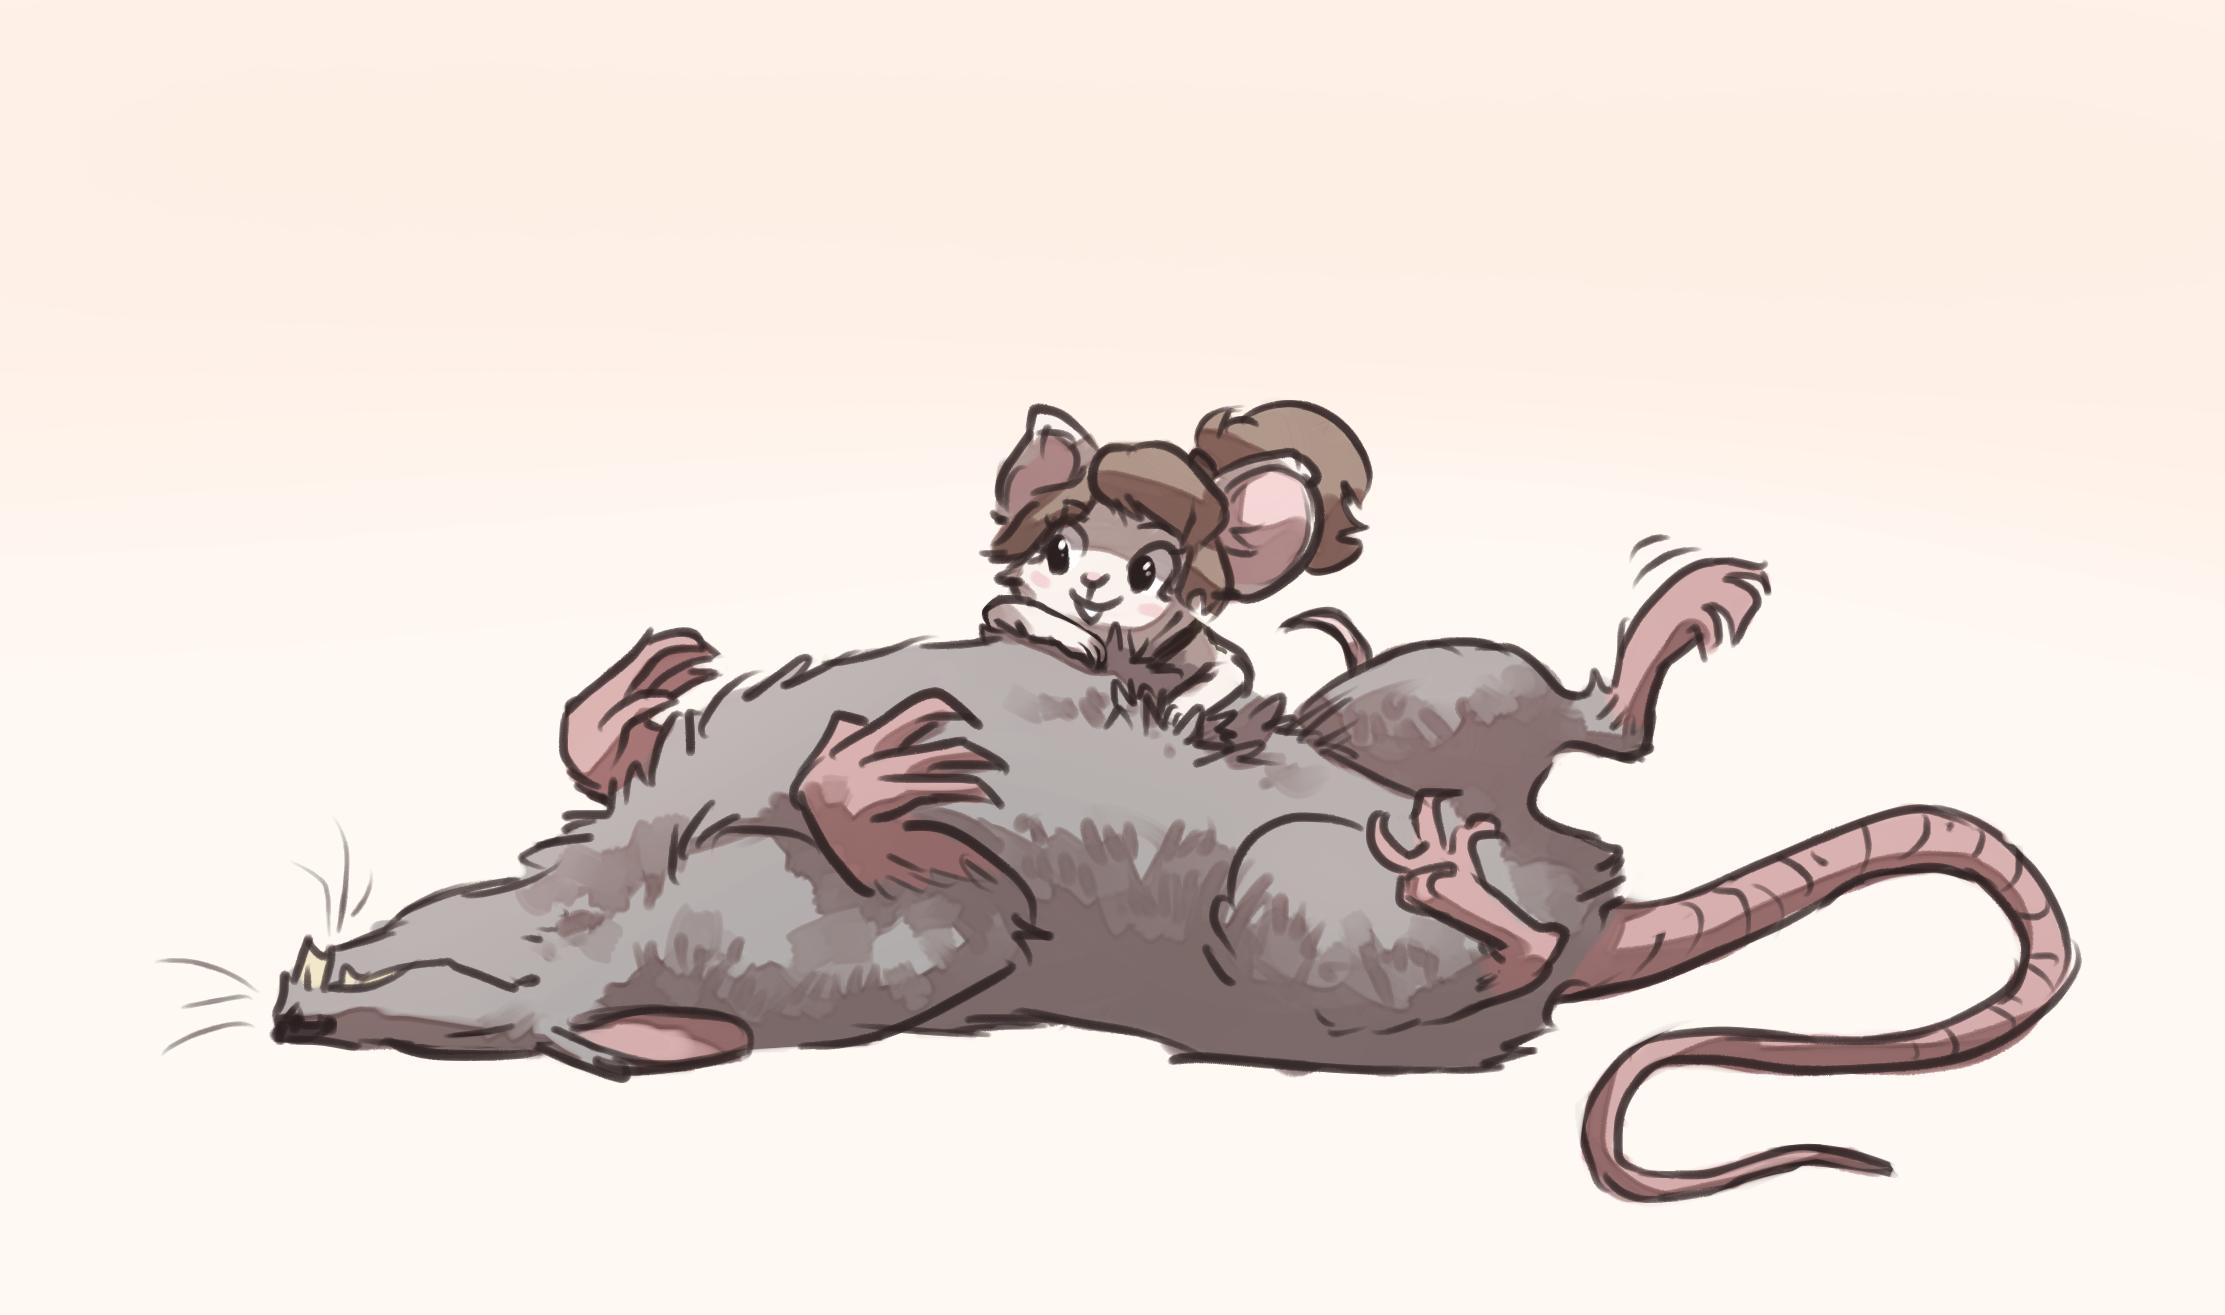 Rat lookin head ass